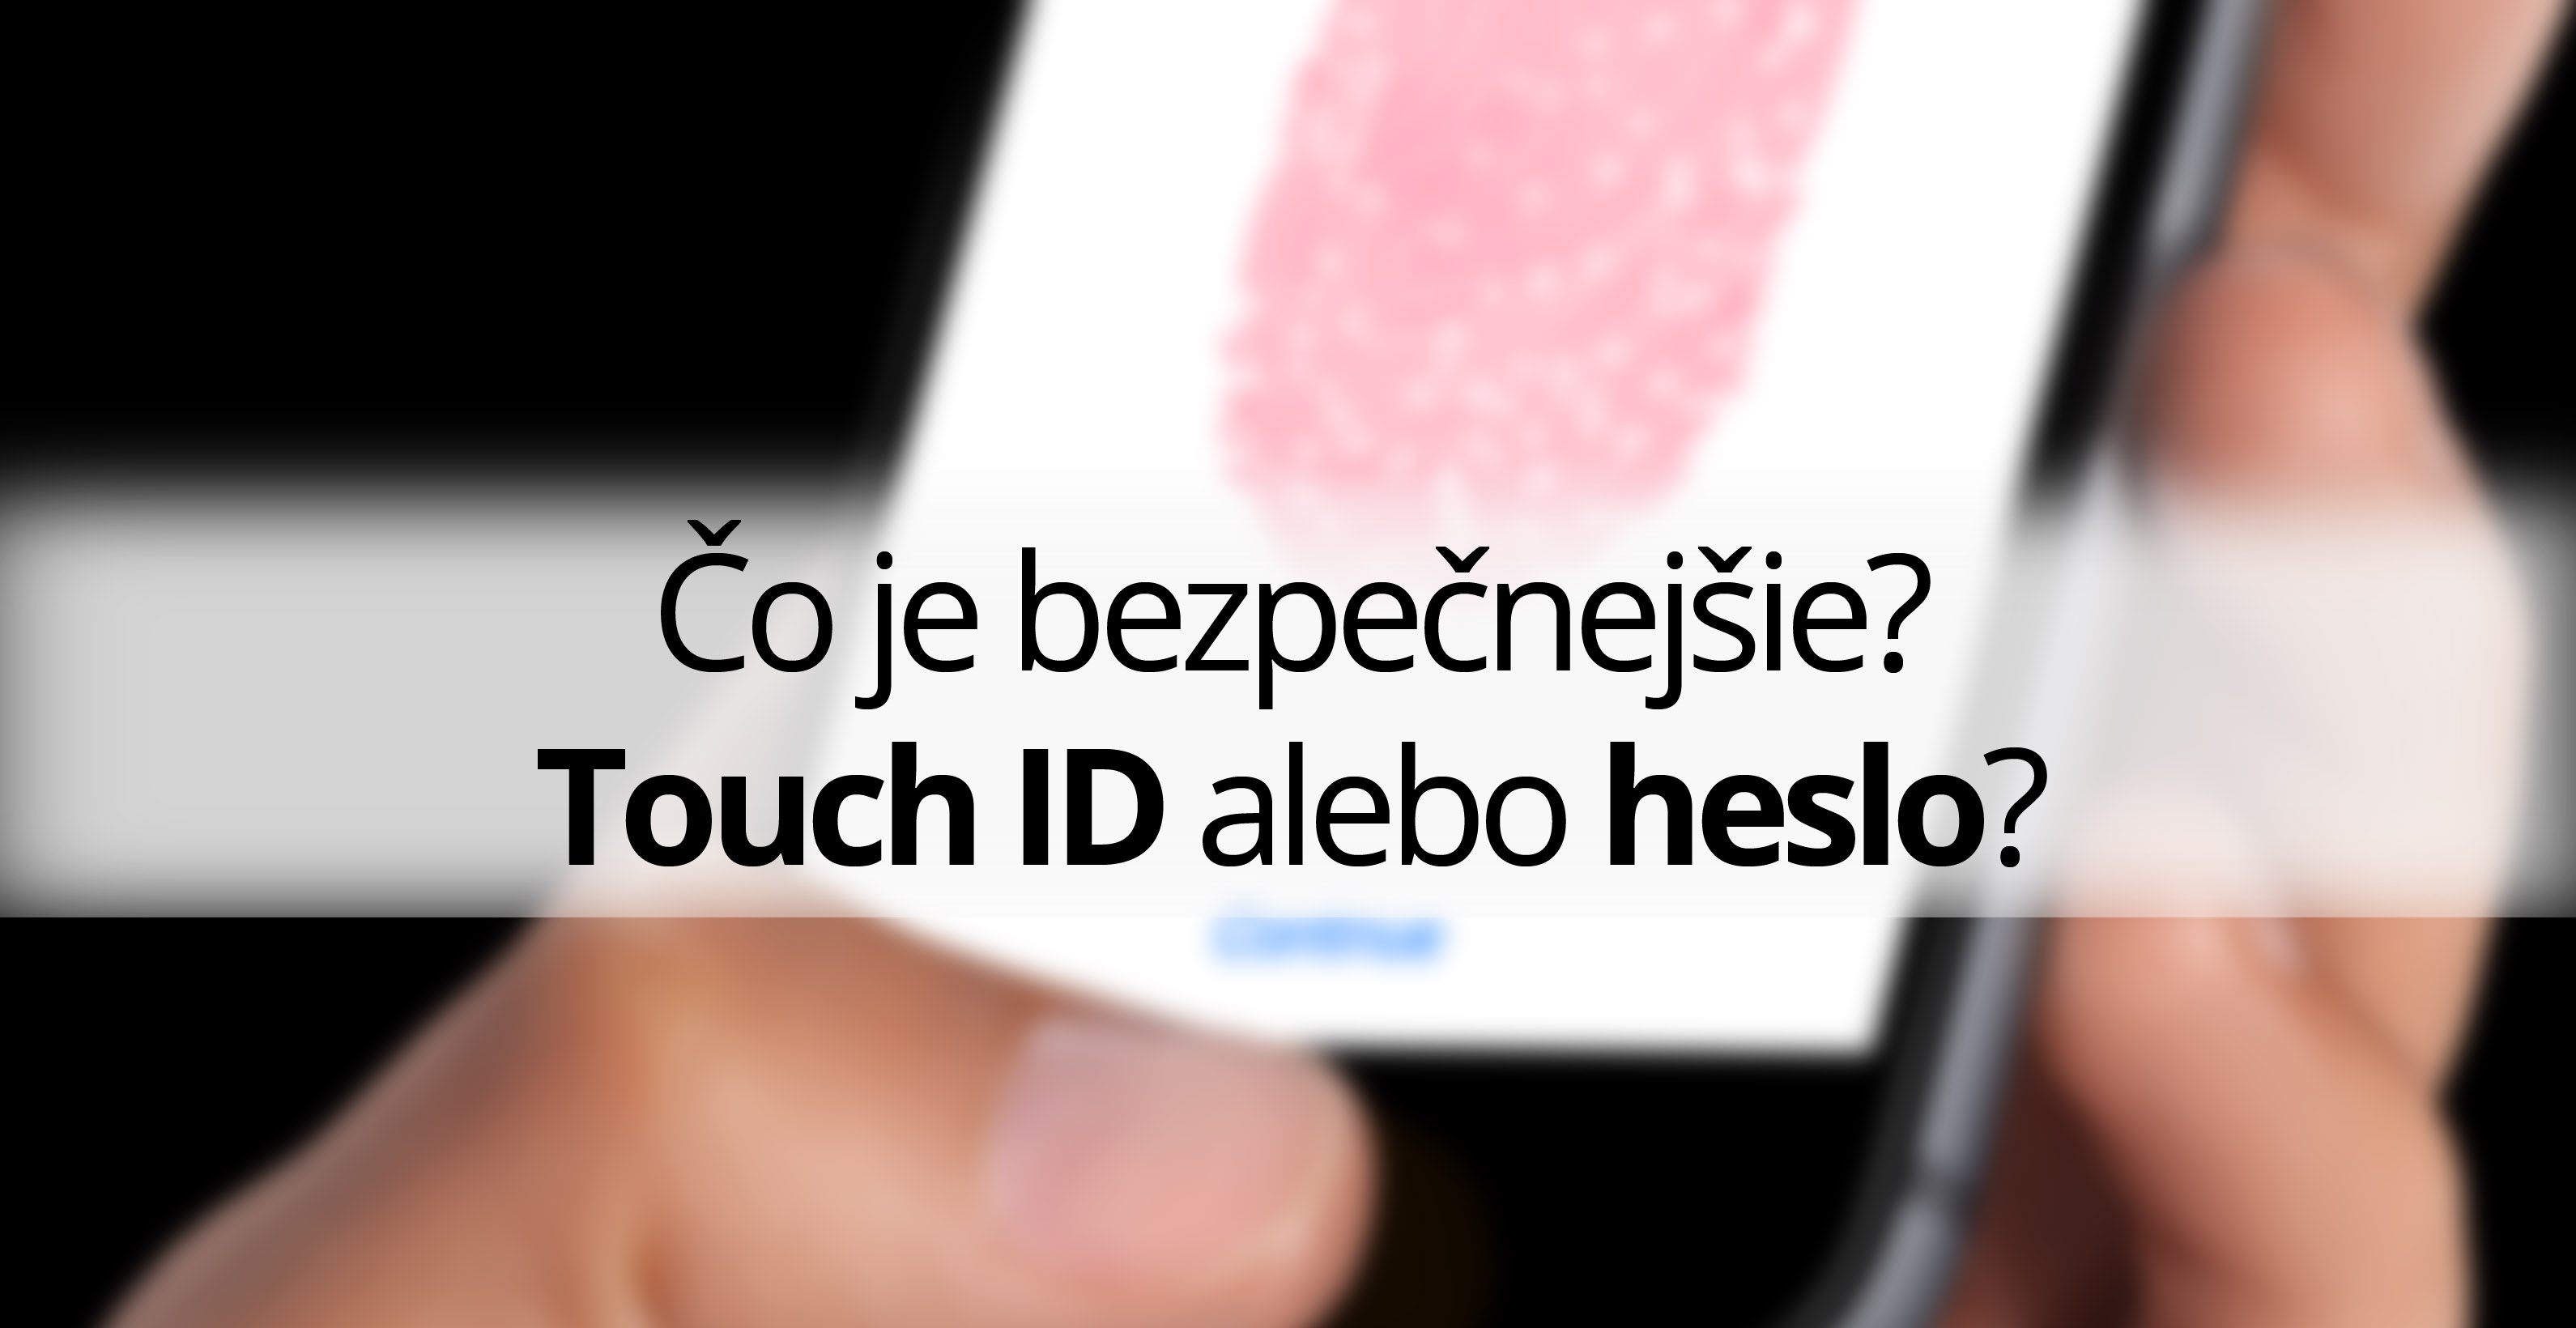 Čo je bezpečnejšie Touch ID alebo heslo